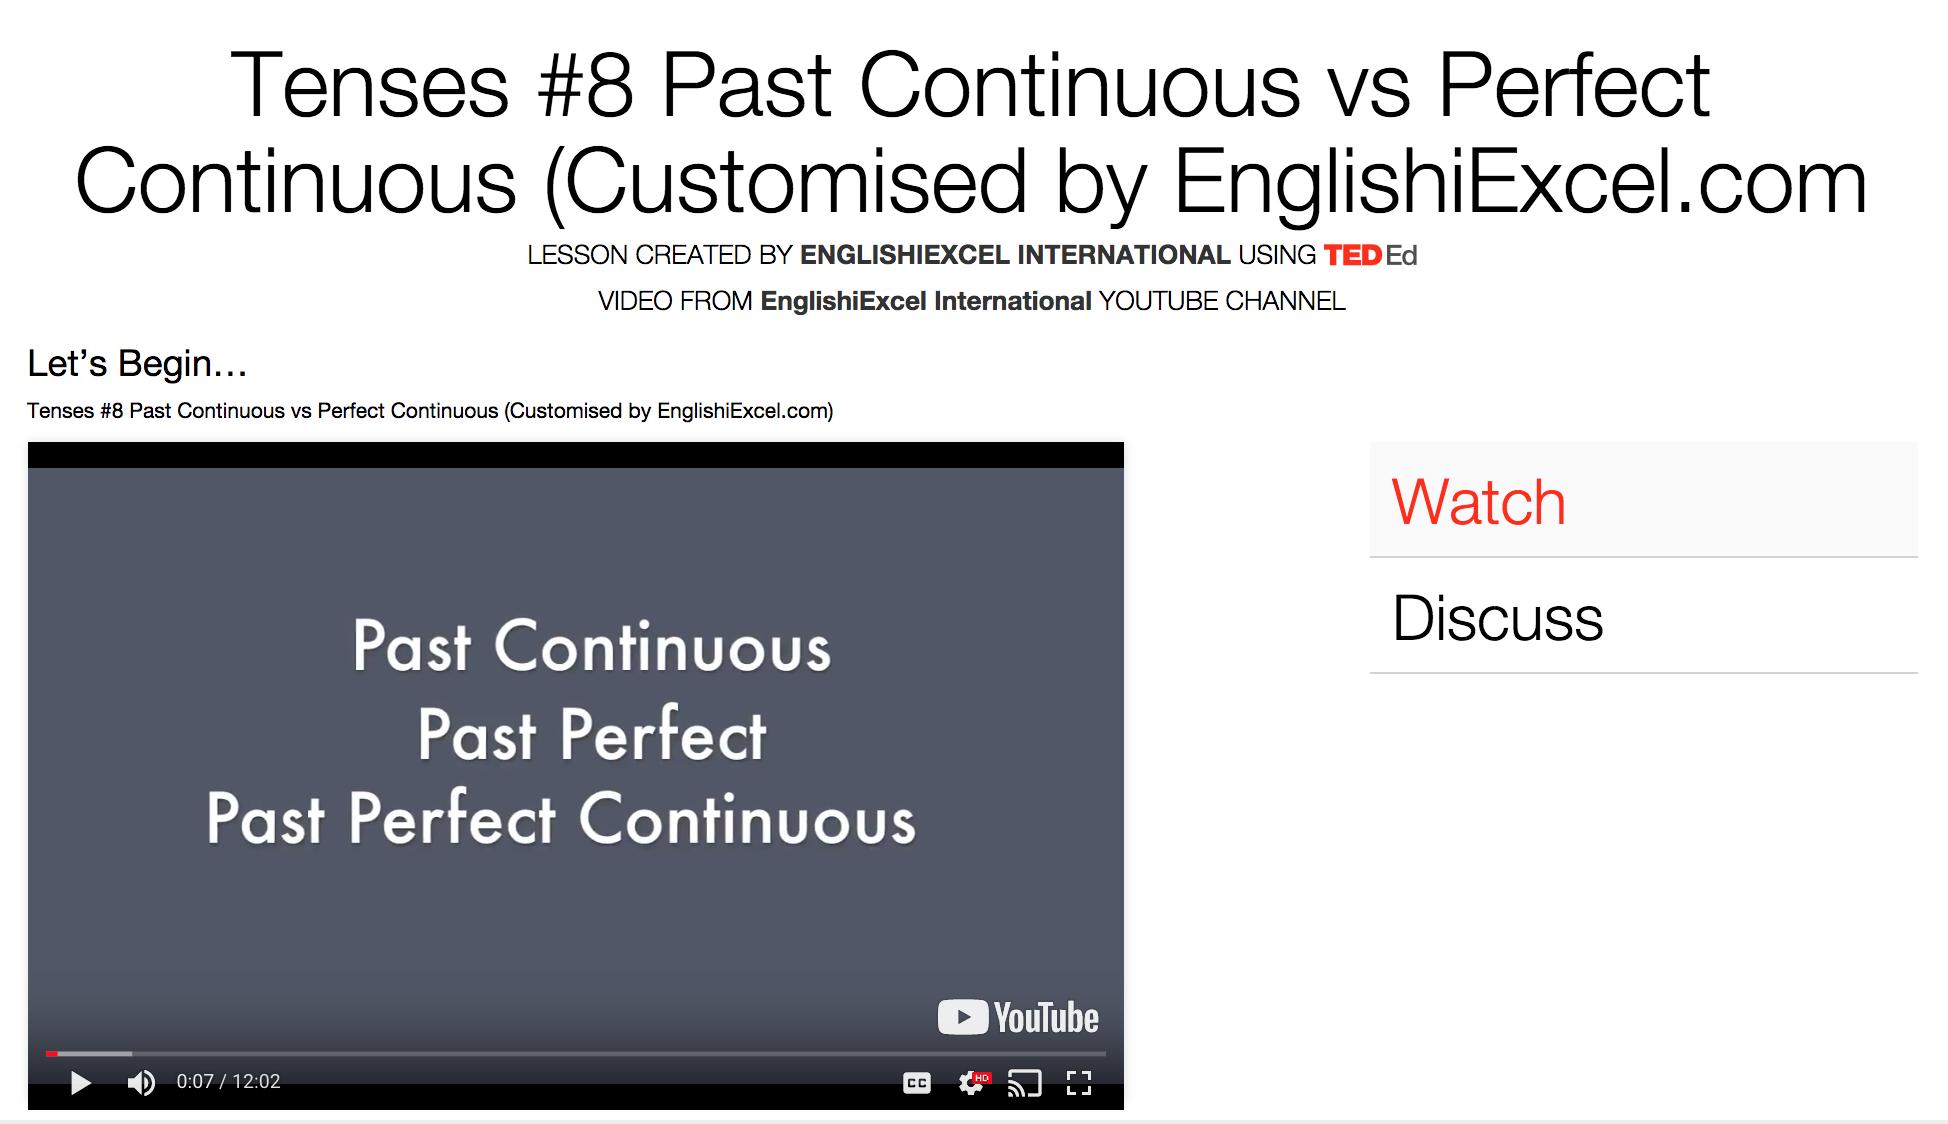 Unit 13: Tenses #8 - Past Continuous vs Past Perfect vs Past Perfect Continuous